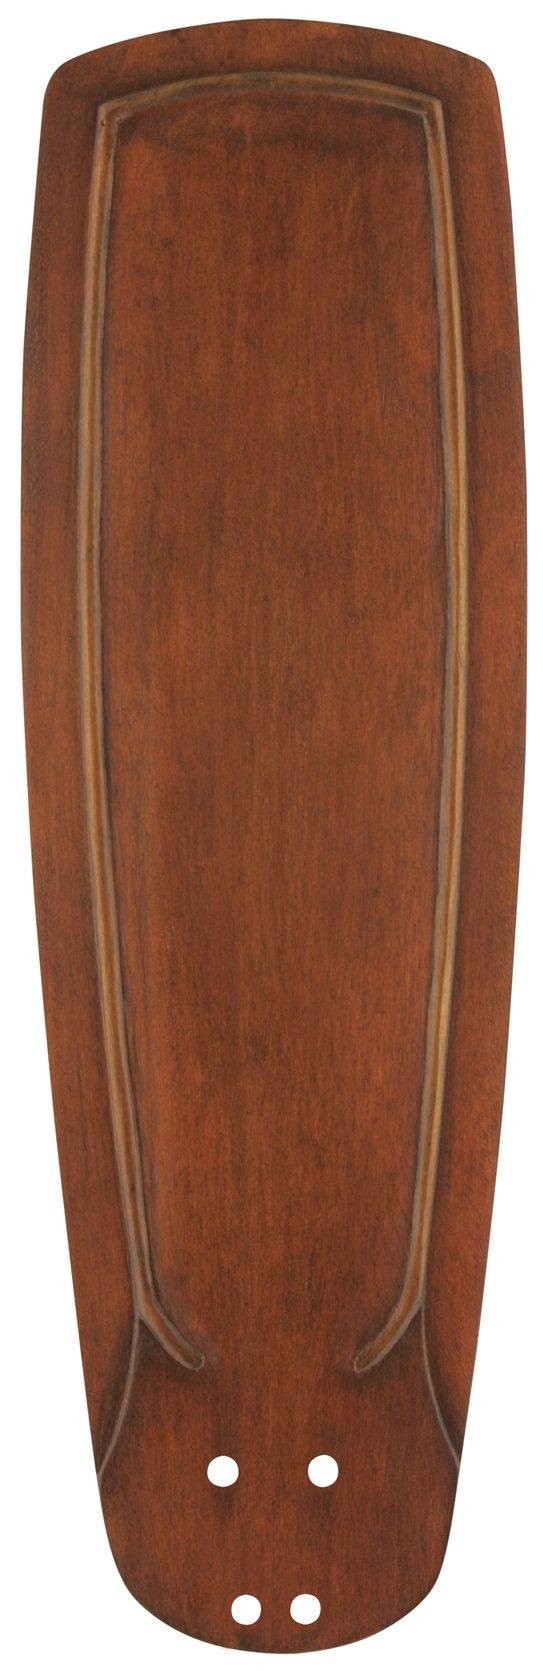 Emerson Dark Oak Accessories - Blade w/ 5 Blades